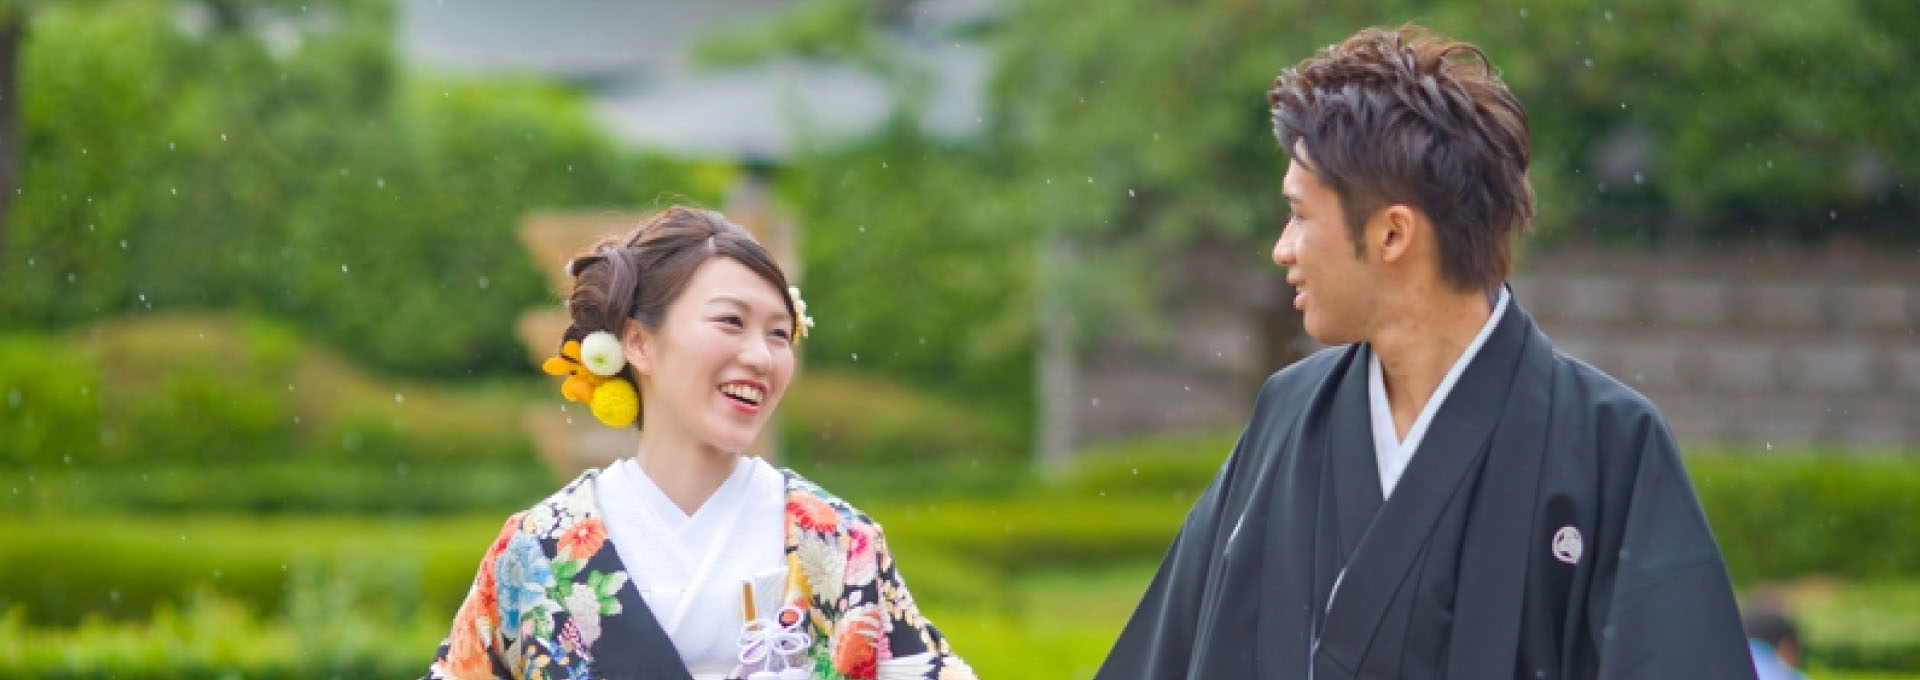 茨城県つくば市の結婚式出張撮影-ギリフォトワークス